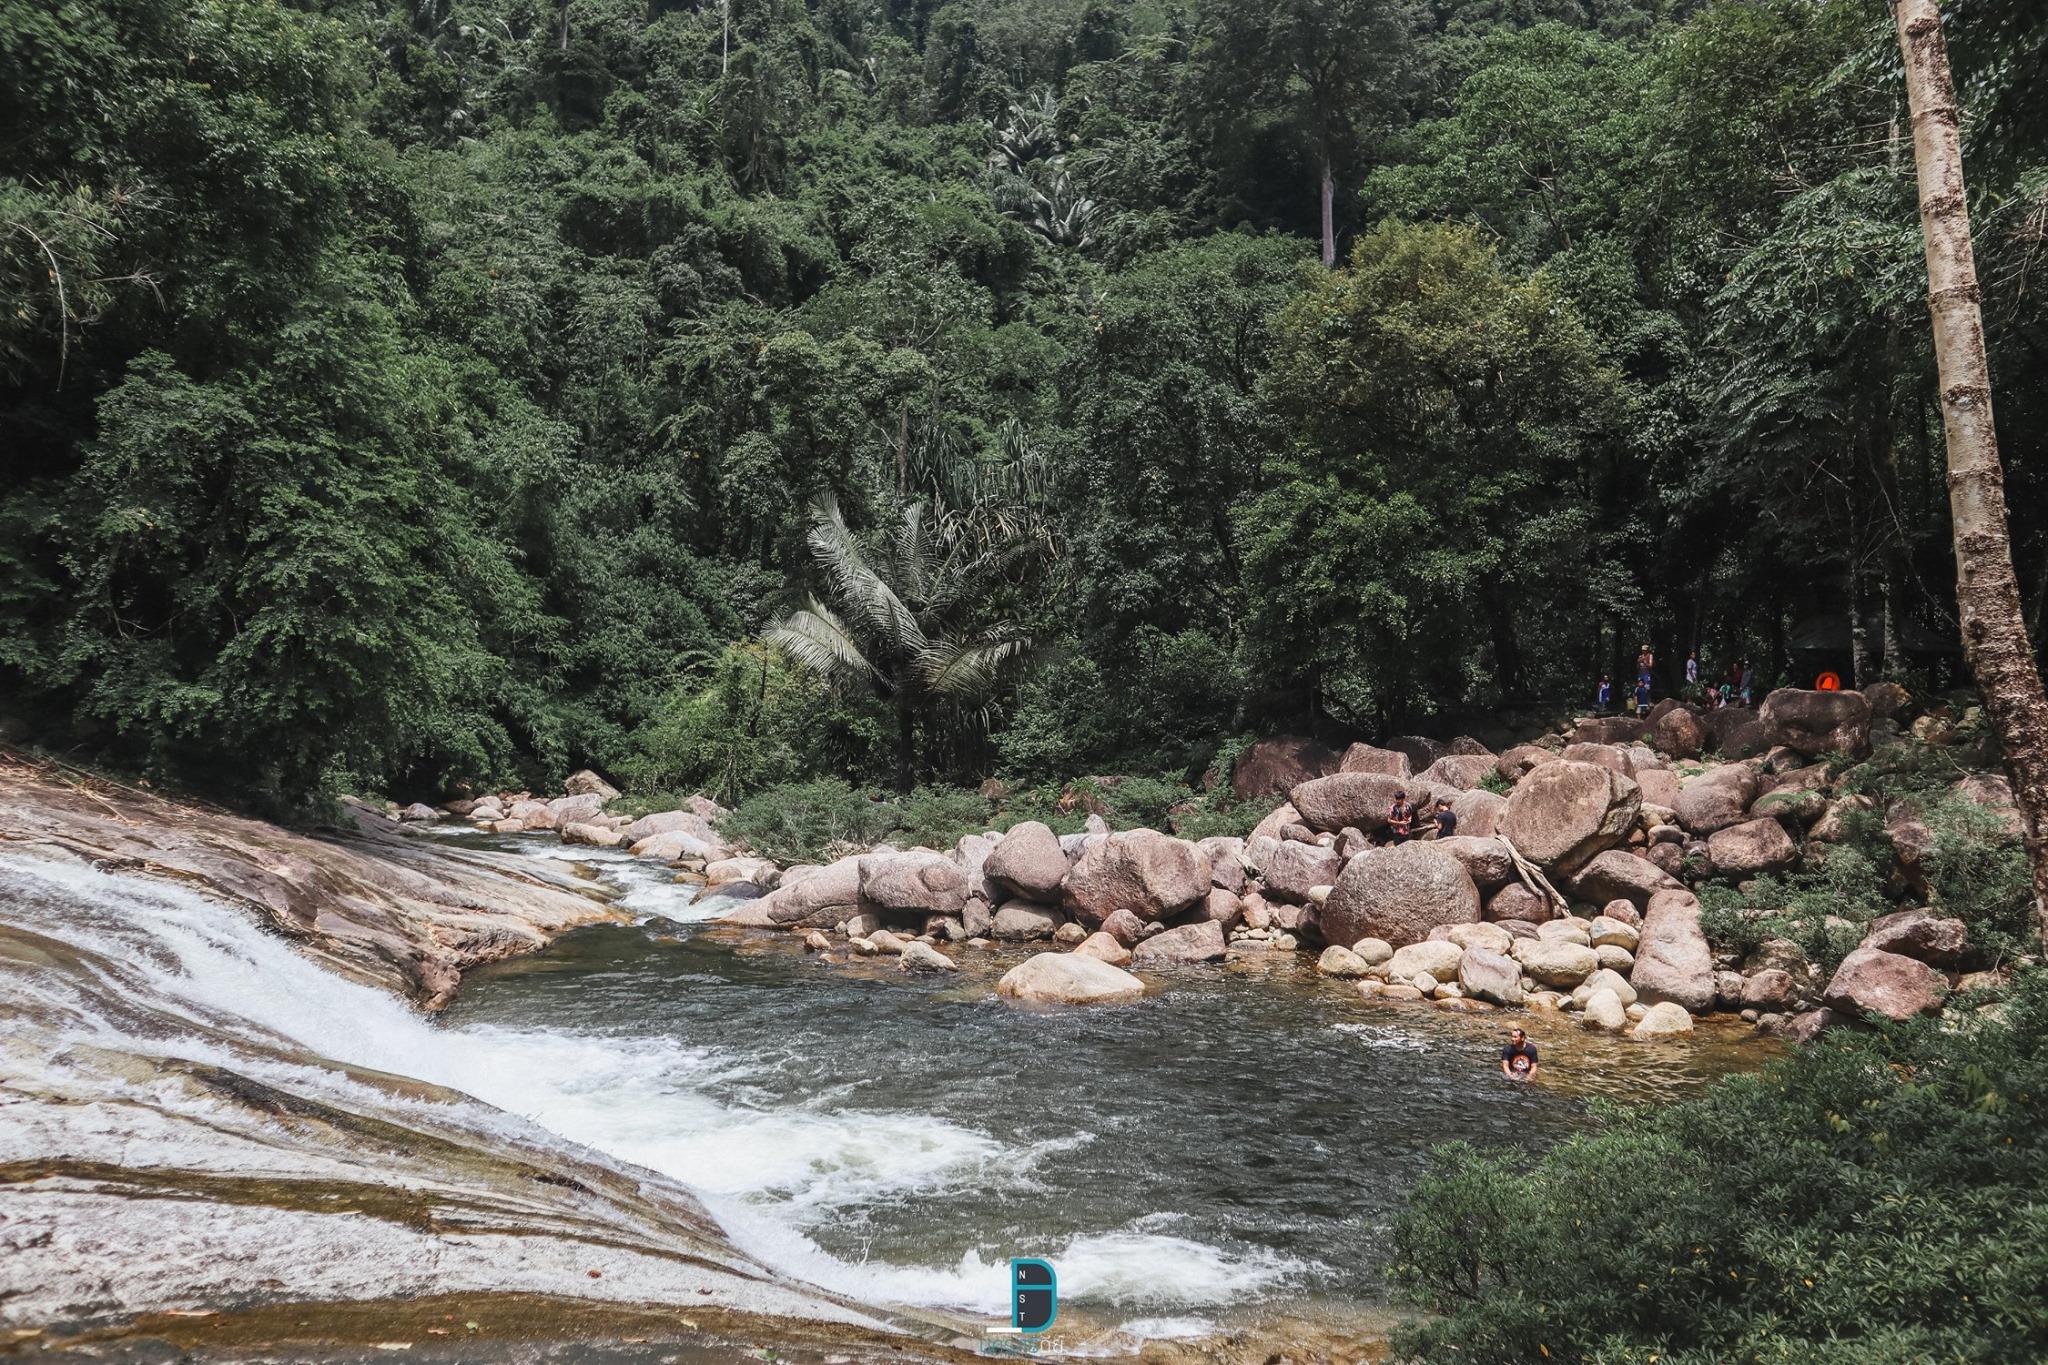 มีแอ่งน้ำใหญ่เด็ดๆ ที่พัก,ช้างกลาง,คาเฟ่,ของกิน,ทริปเที่ยว,ฉวาง,อร่อย,ทะเลหมอก,ธรรมชาติ,น้ำตก